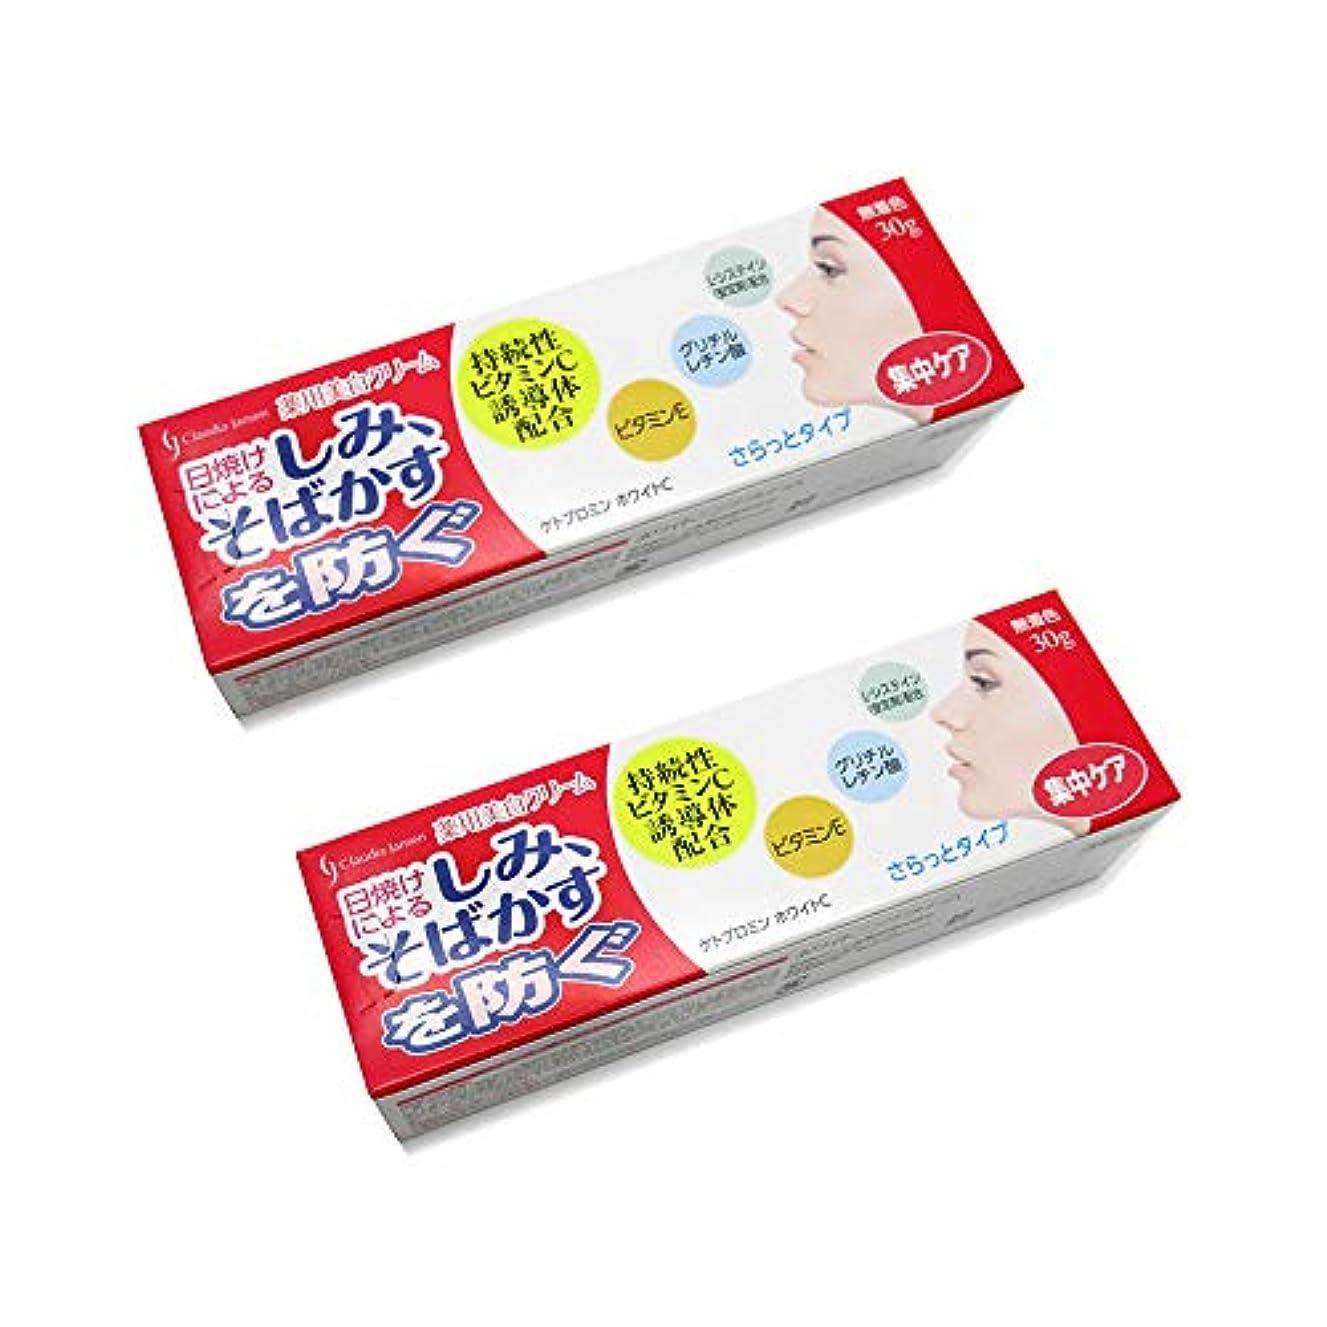 とは異なりスタジオ警察薬用ホワイトニングクリームC 30g 2個セット 美白クリーム 薬用 美白クリーム 美白ケア 医薬部外品